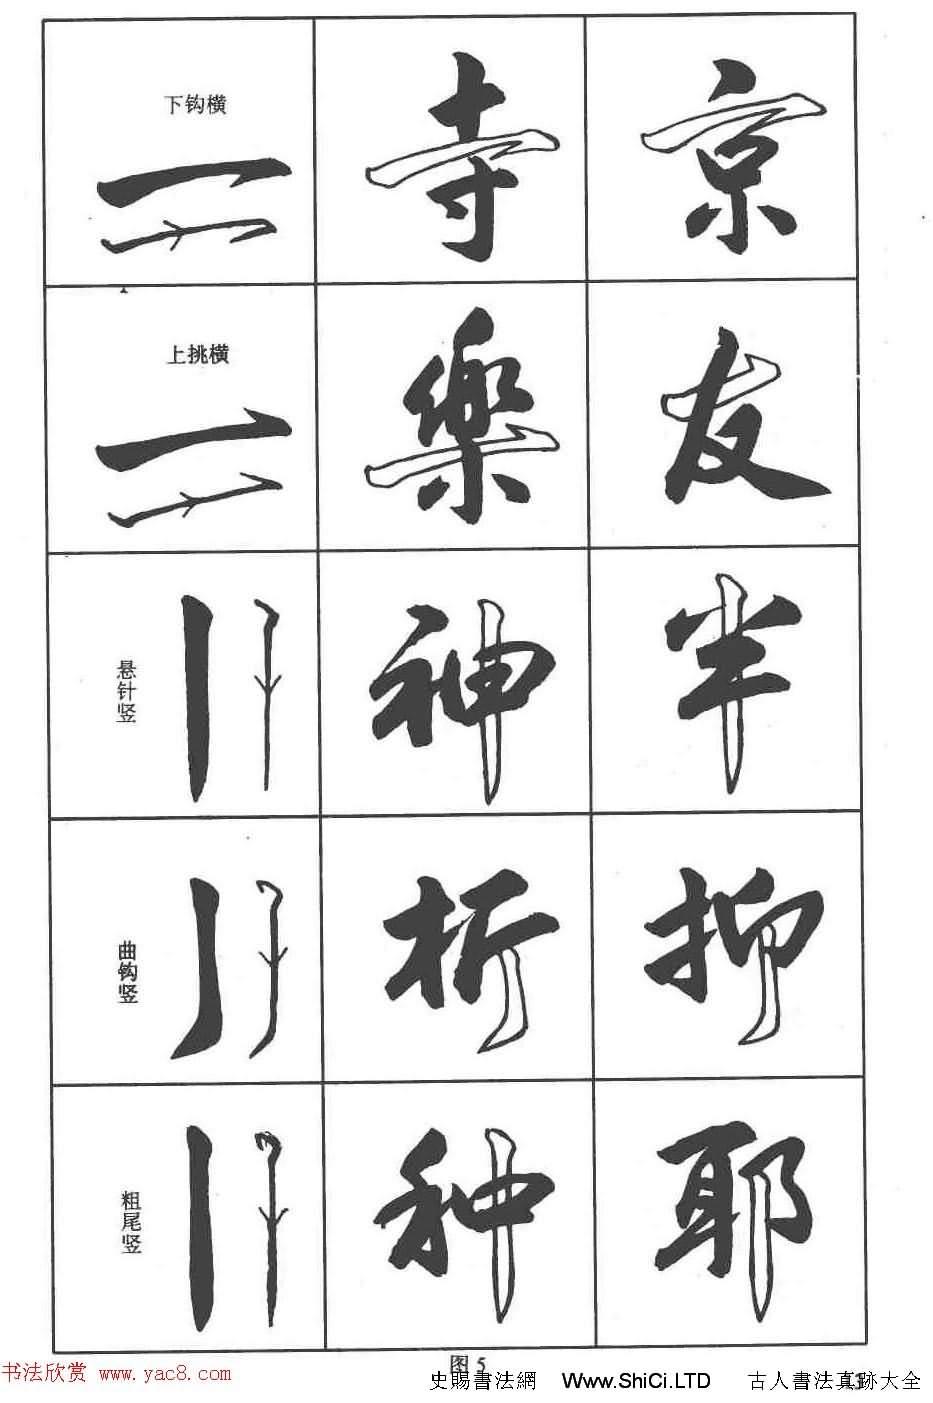 盧定山書法字帖《行書入門字譜》(共61張圖片)